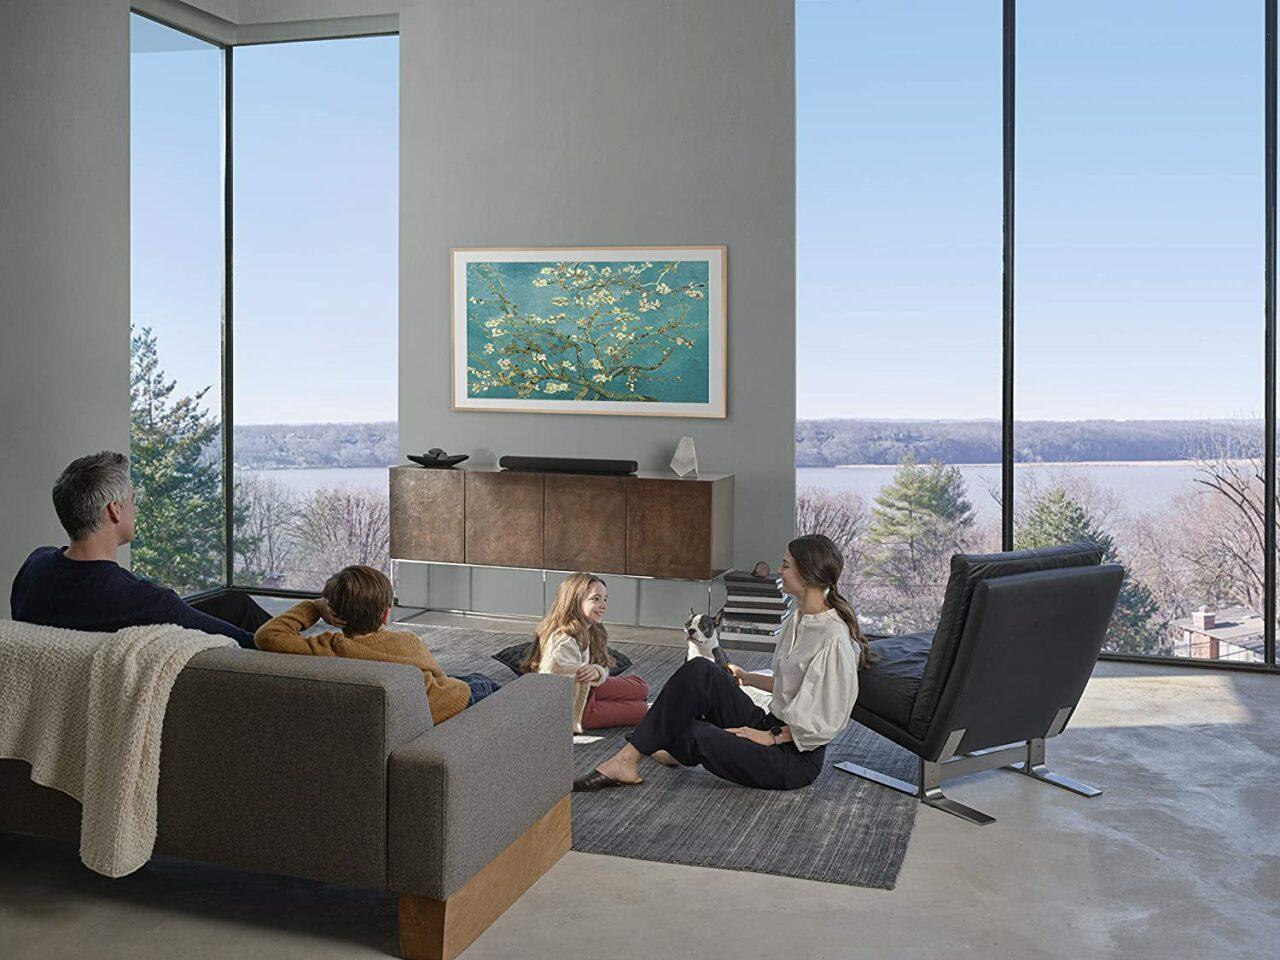 Smart TV Samsung The Frame 2020 in OFFERTA Amazon: belli come un quadro!